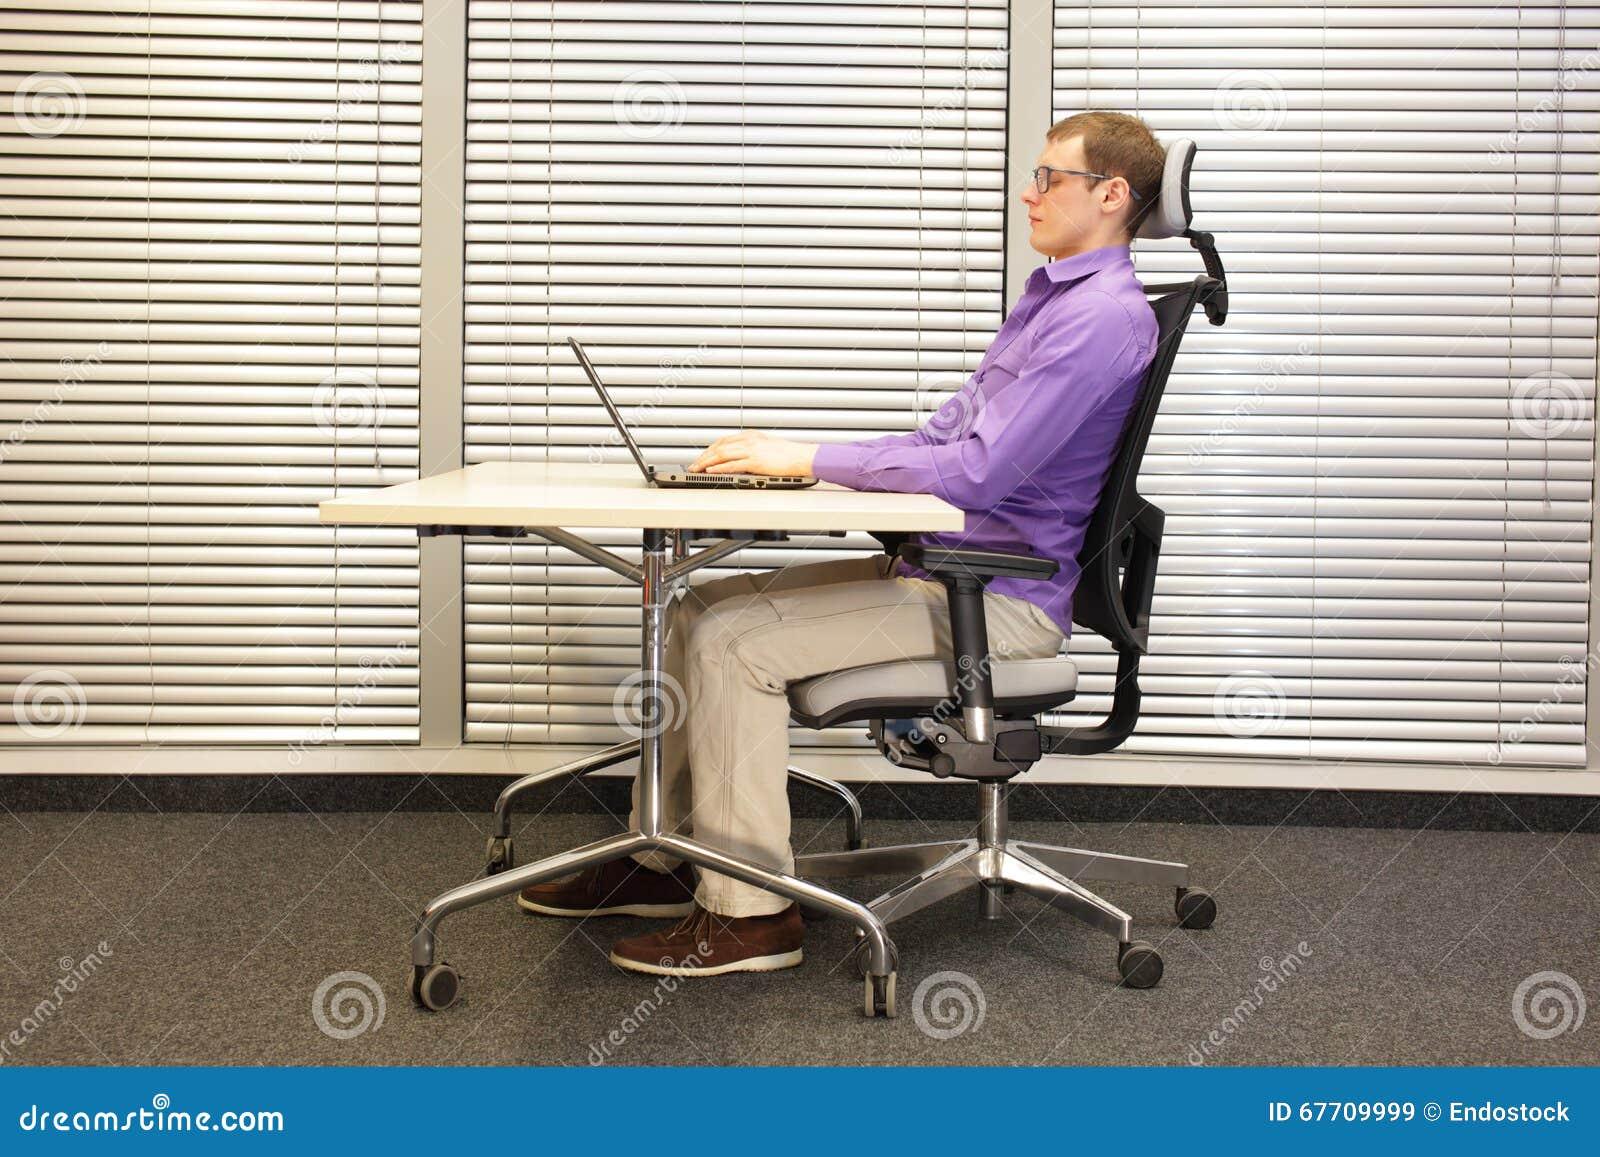 richtige sitzposition am arbeitsplatz mann auf dem stuhl der mit laptop arbeitet stockbild. Black Bedroom Furniture Sets. Home Design Ideas